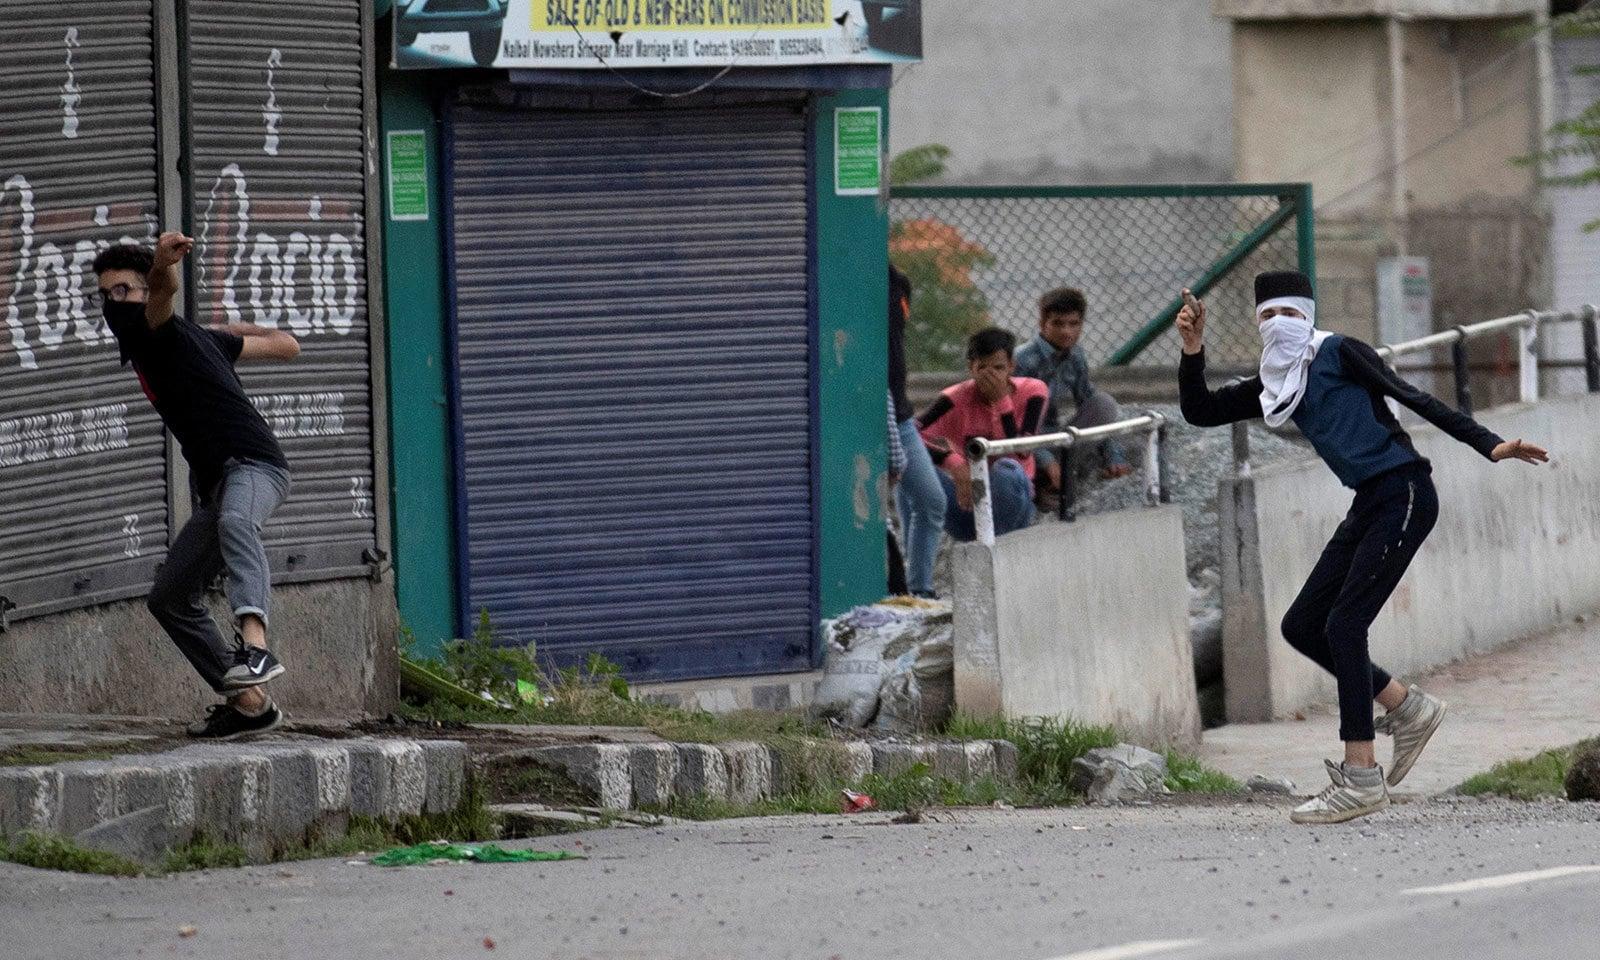 کشمیری نوجوان پولیس کی شیلنگ کا جواب پتھر سے دیتے رہے—فوٹو:رائٹرز